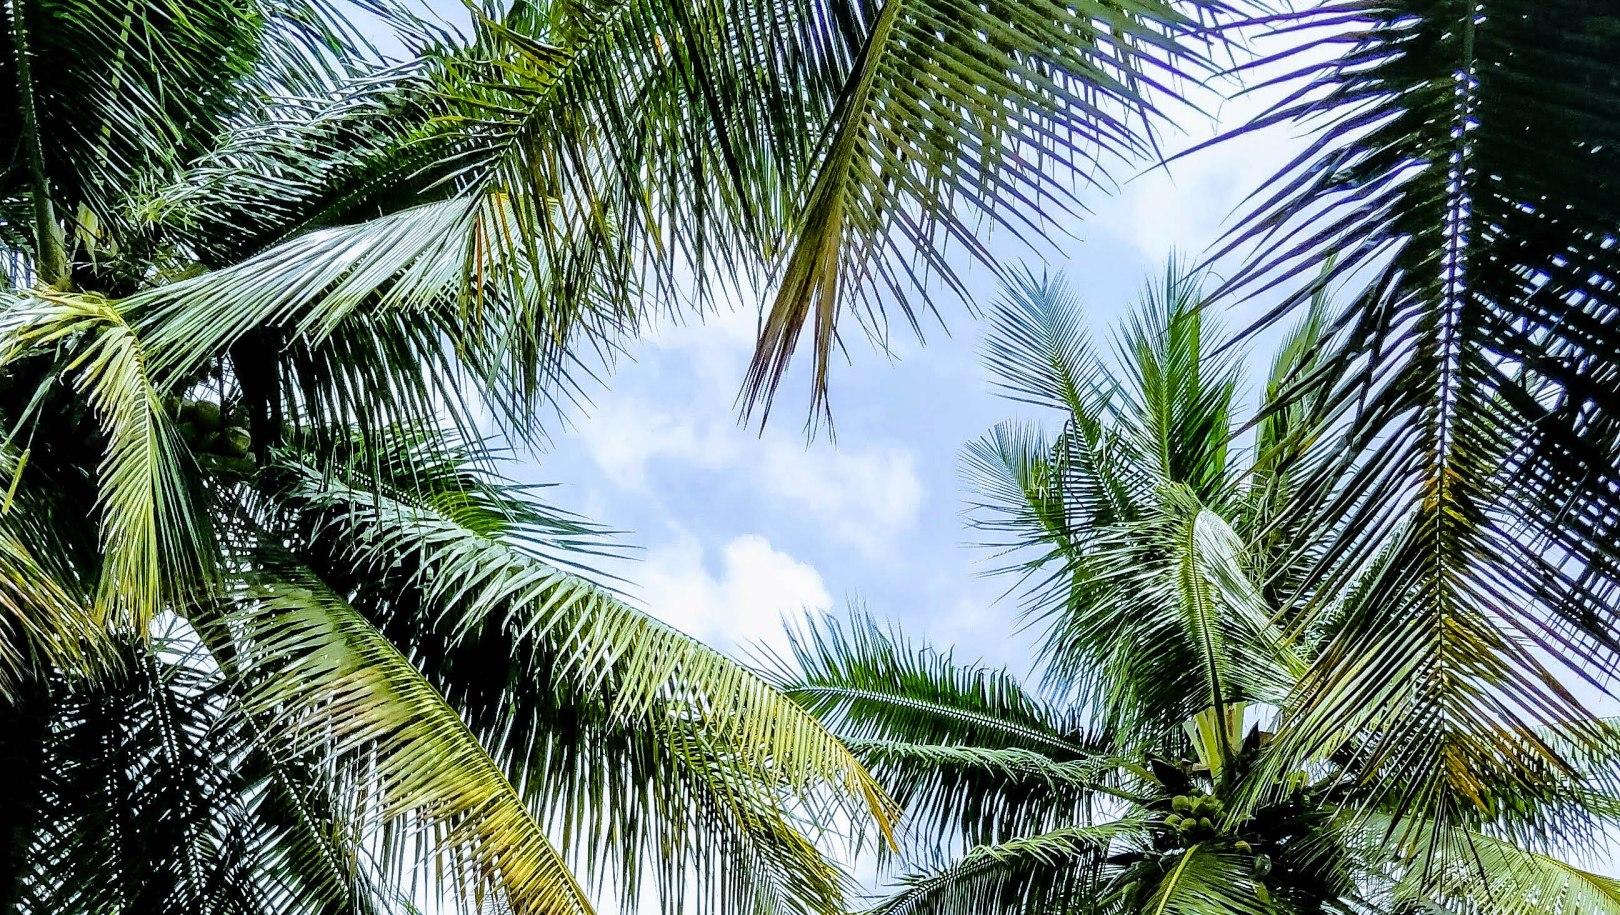 Palm Trees Bangalore